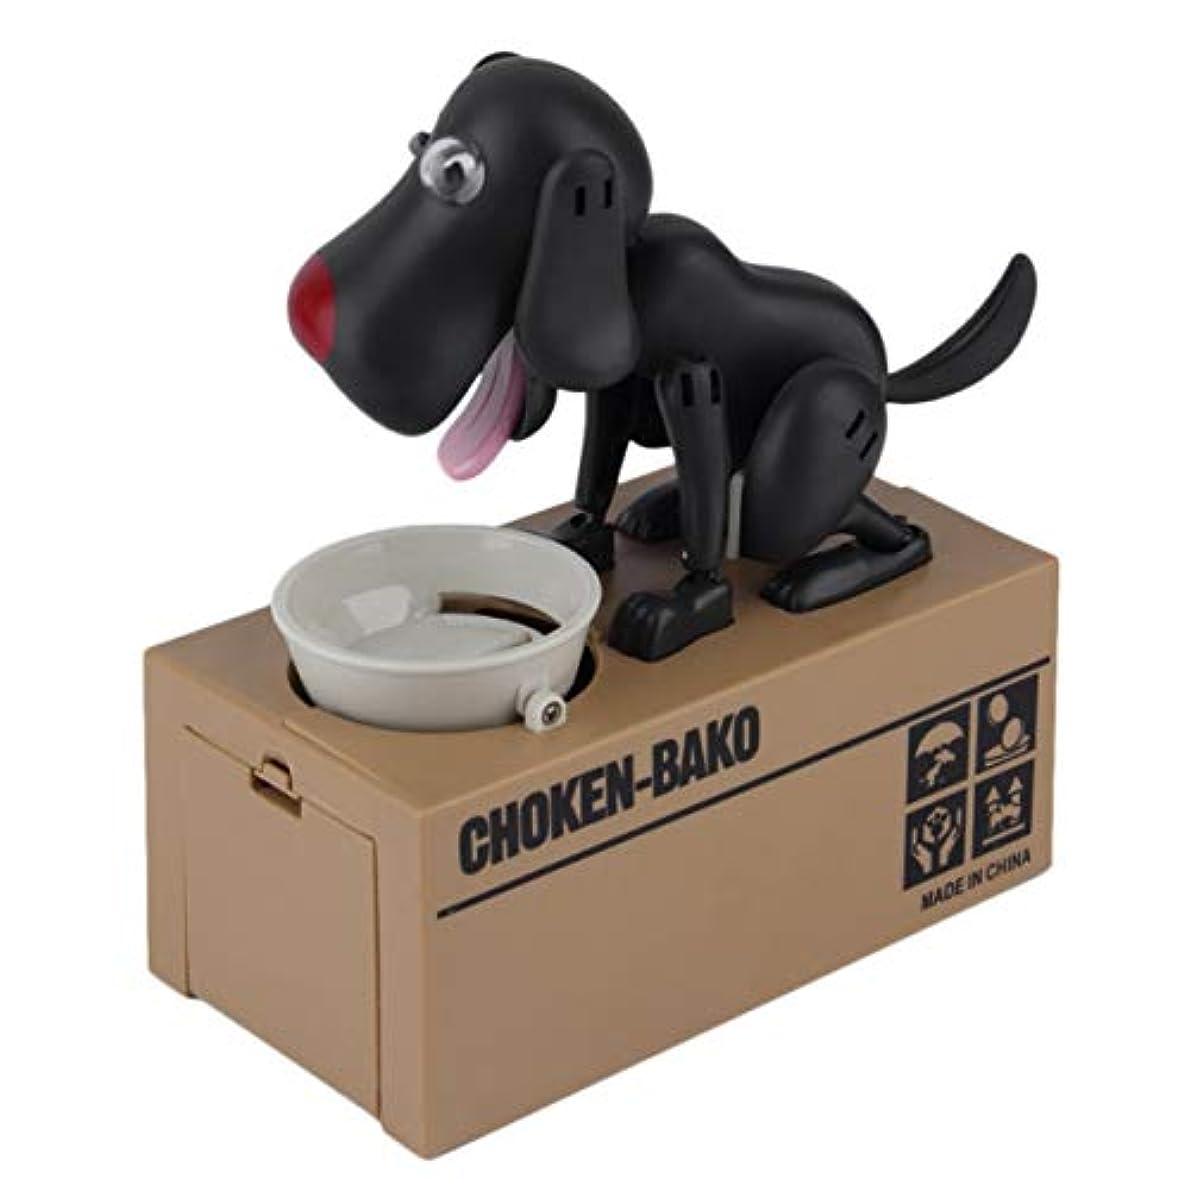 ペインギリック鉄道駅効率的Saikogoods 耐久性に優れたロボット犬貯金箱自動コインマネーバンクかわいい犬モデルマネーバンクマネーセービングボックスコインボックスを盗みました ブラック